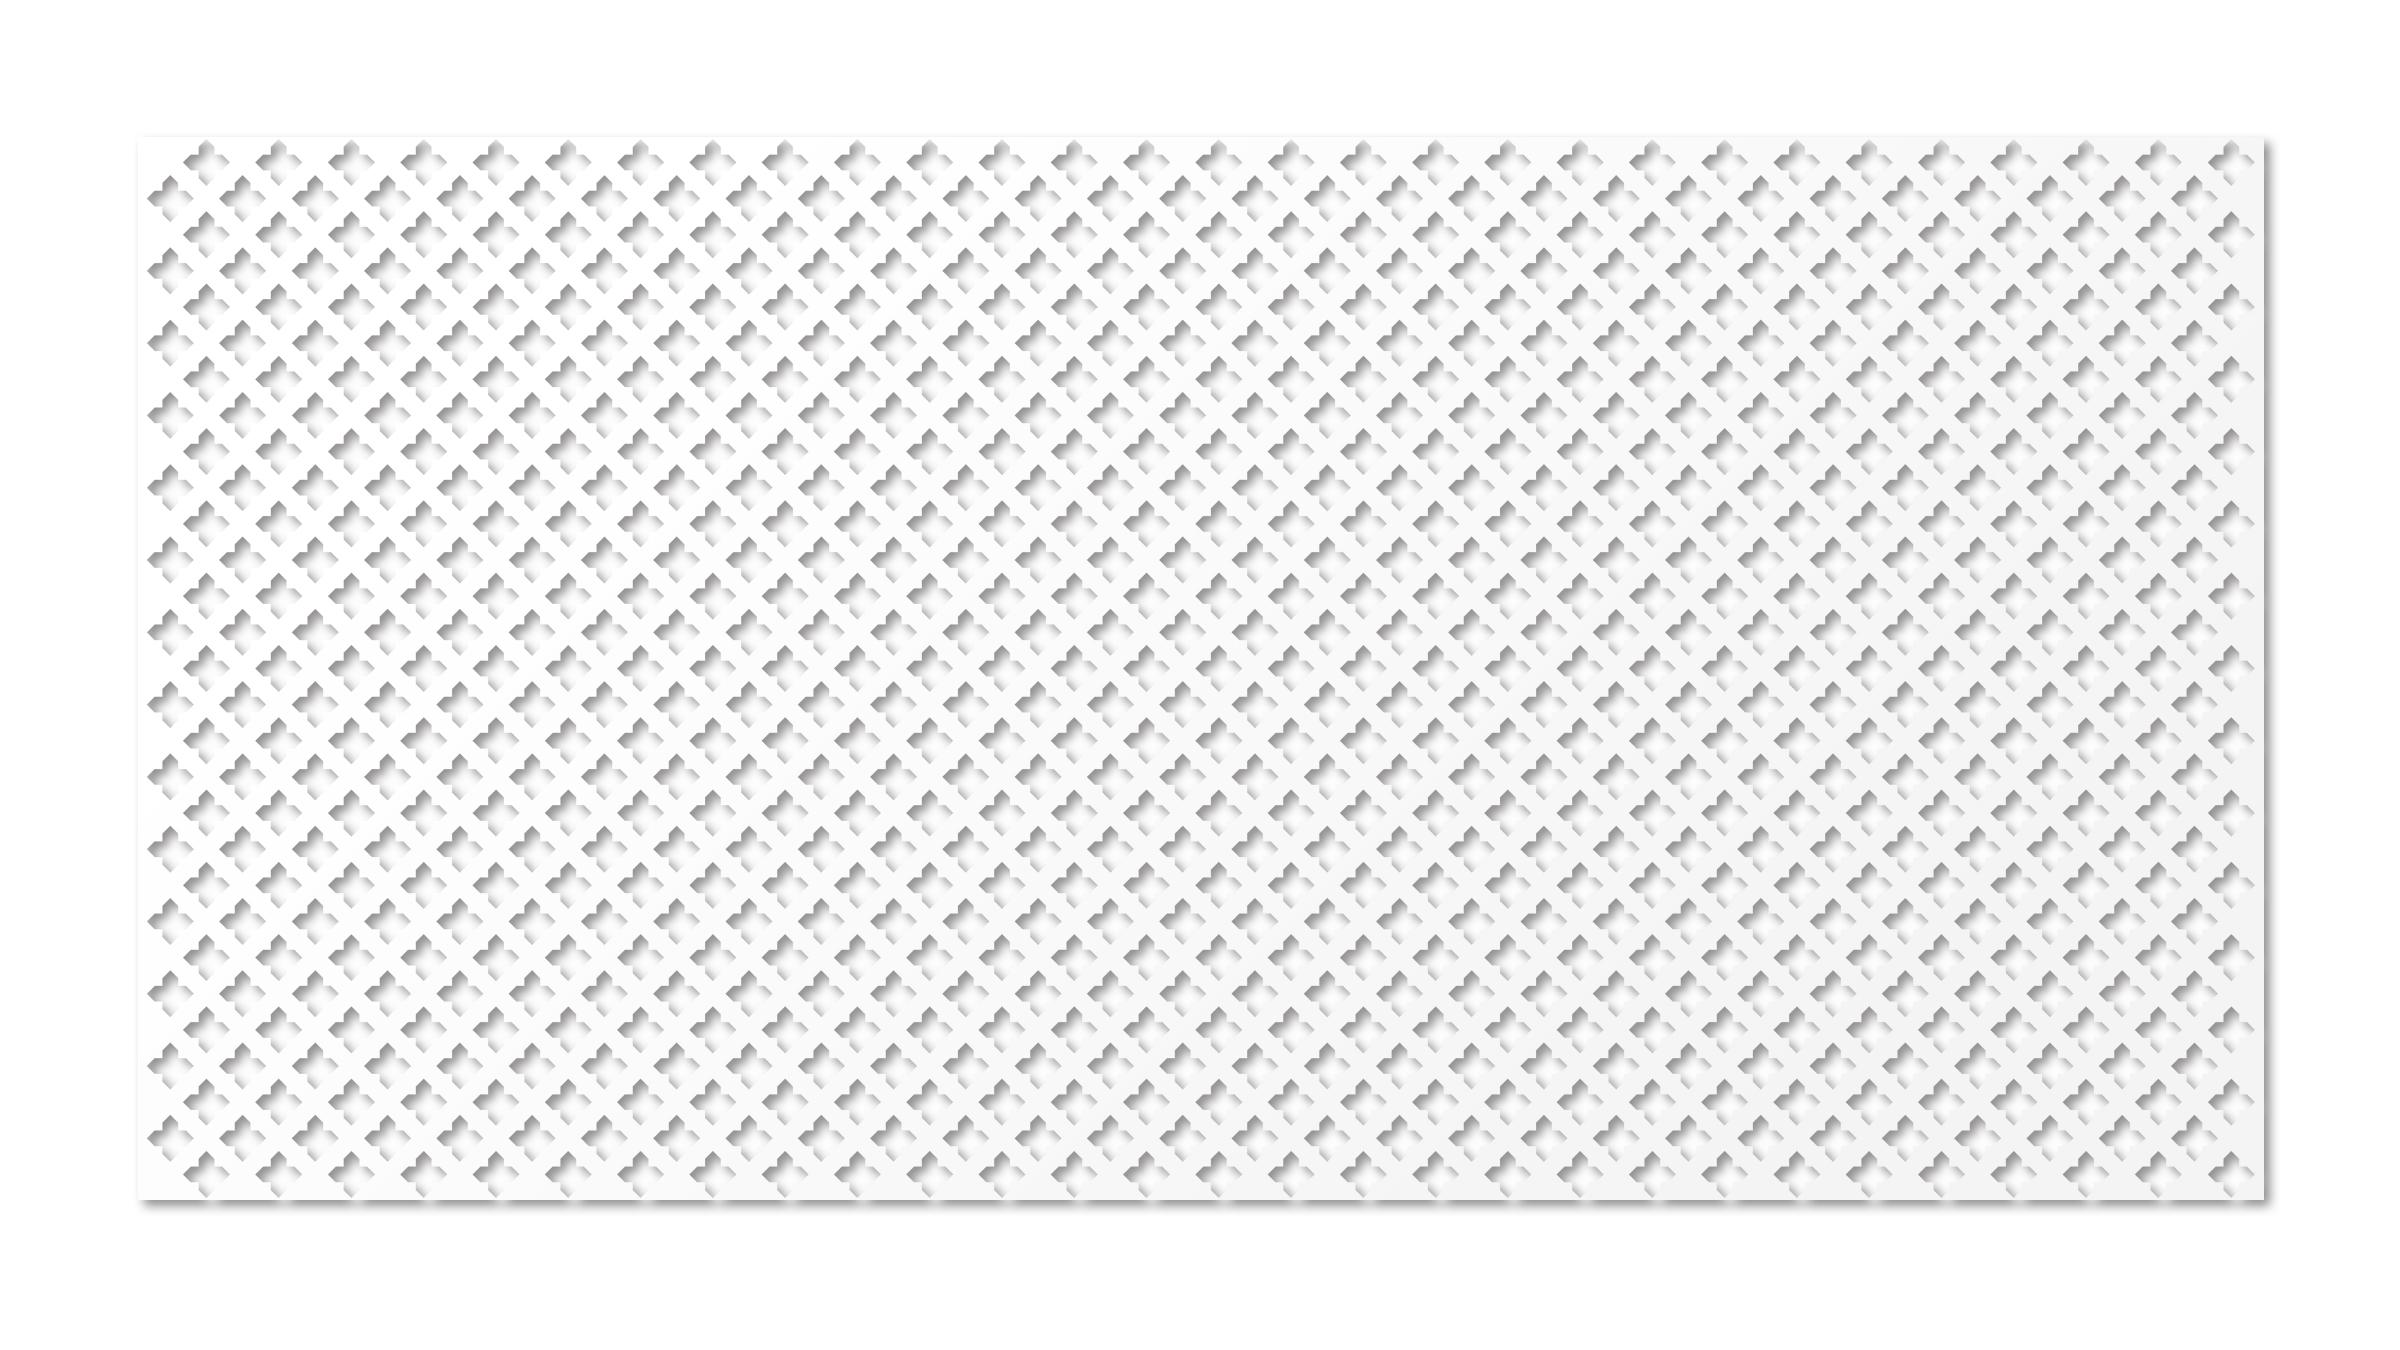 Перфорированная ХДФ панель Готико белый v546926 купить